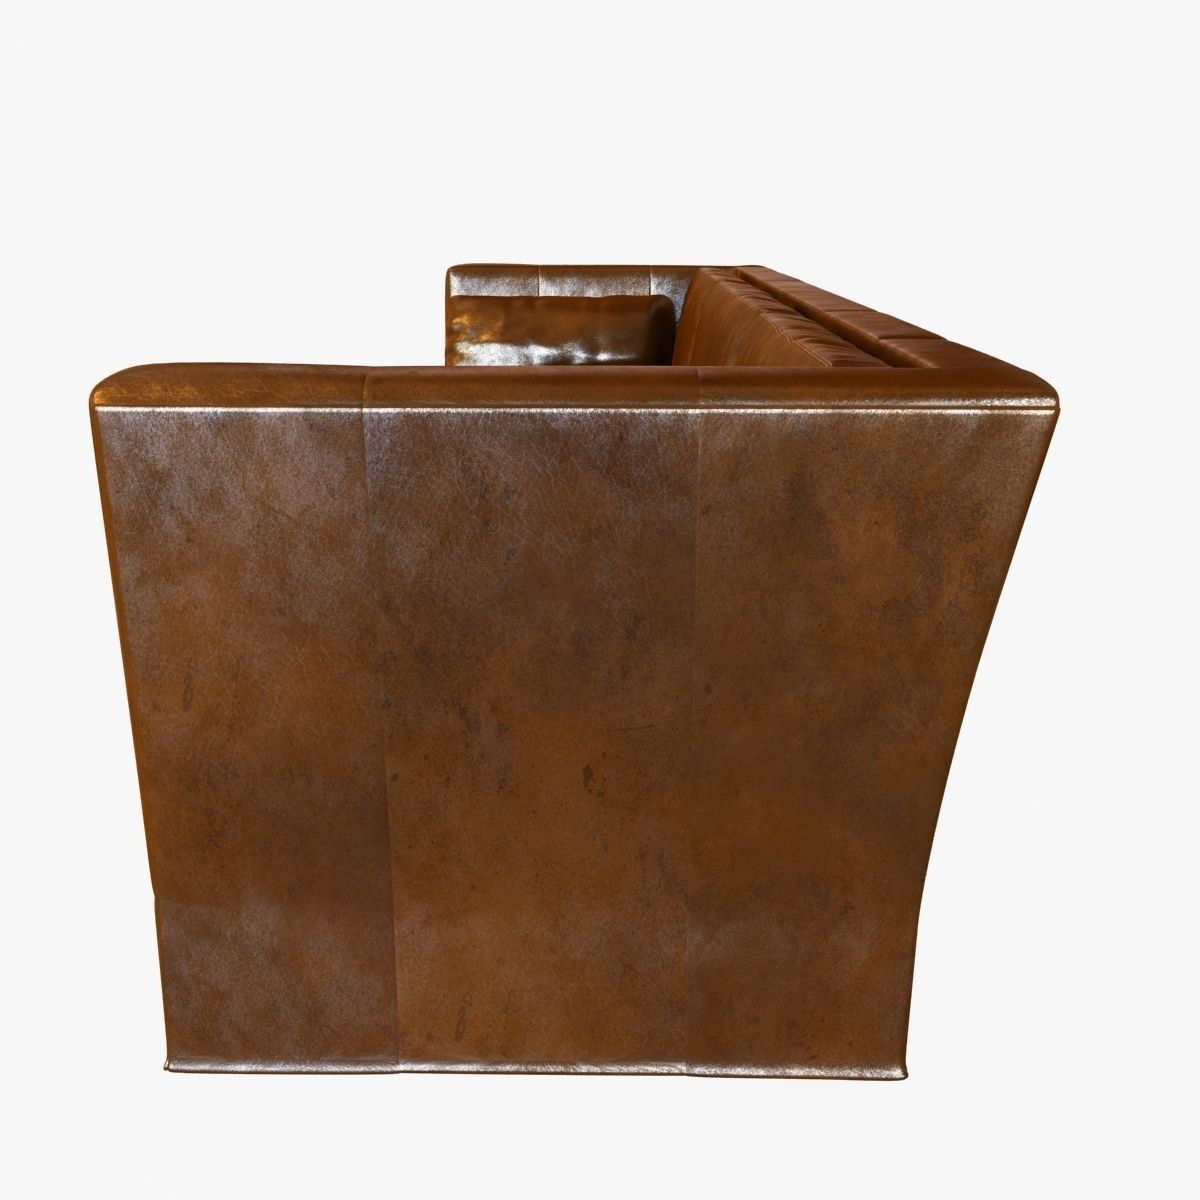 belgian shelter arm sofa lovesac craigslist restoration hardware leather 3d